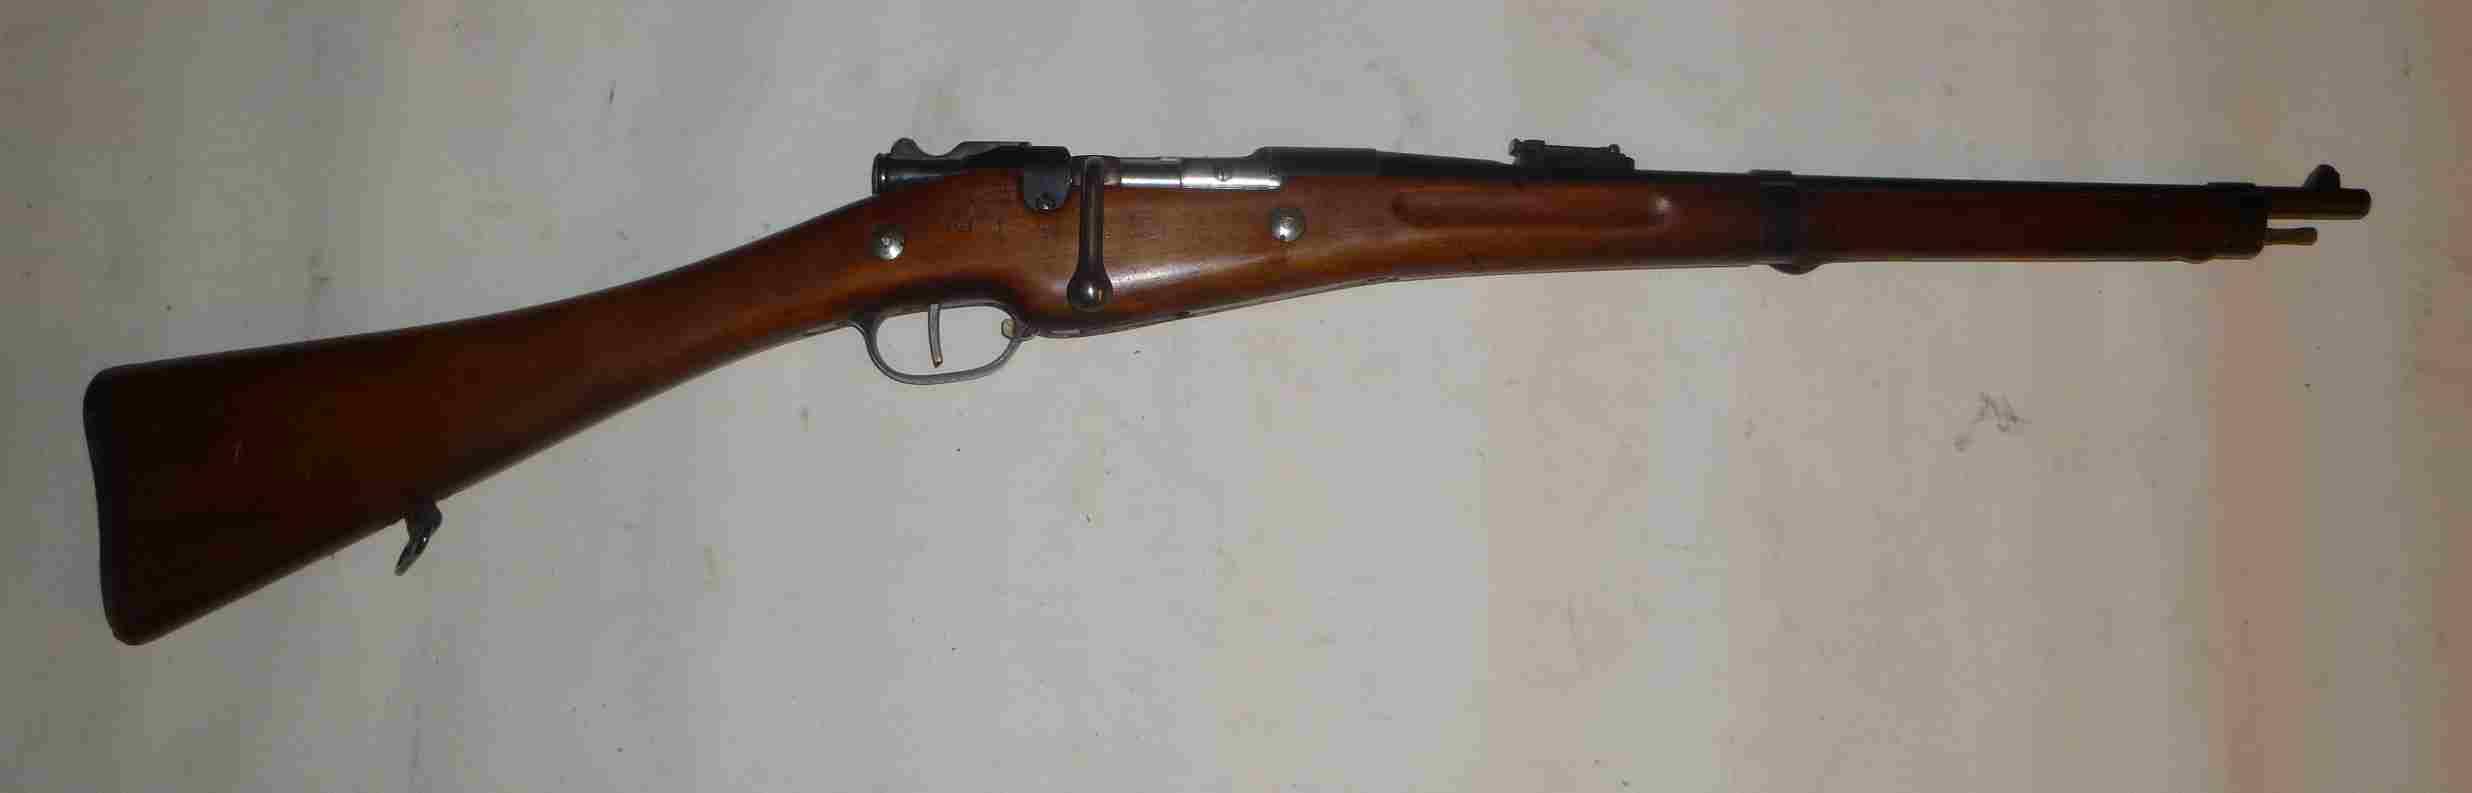 Carabine de cuirassier de St-Etienne 1914 suite 14102310135218218612635591